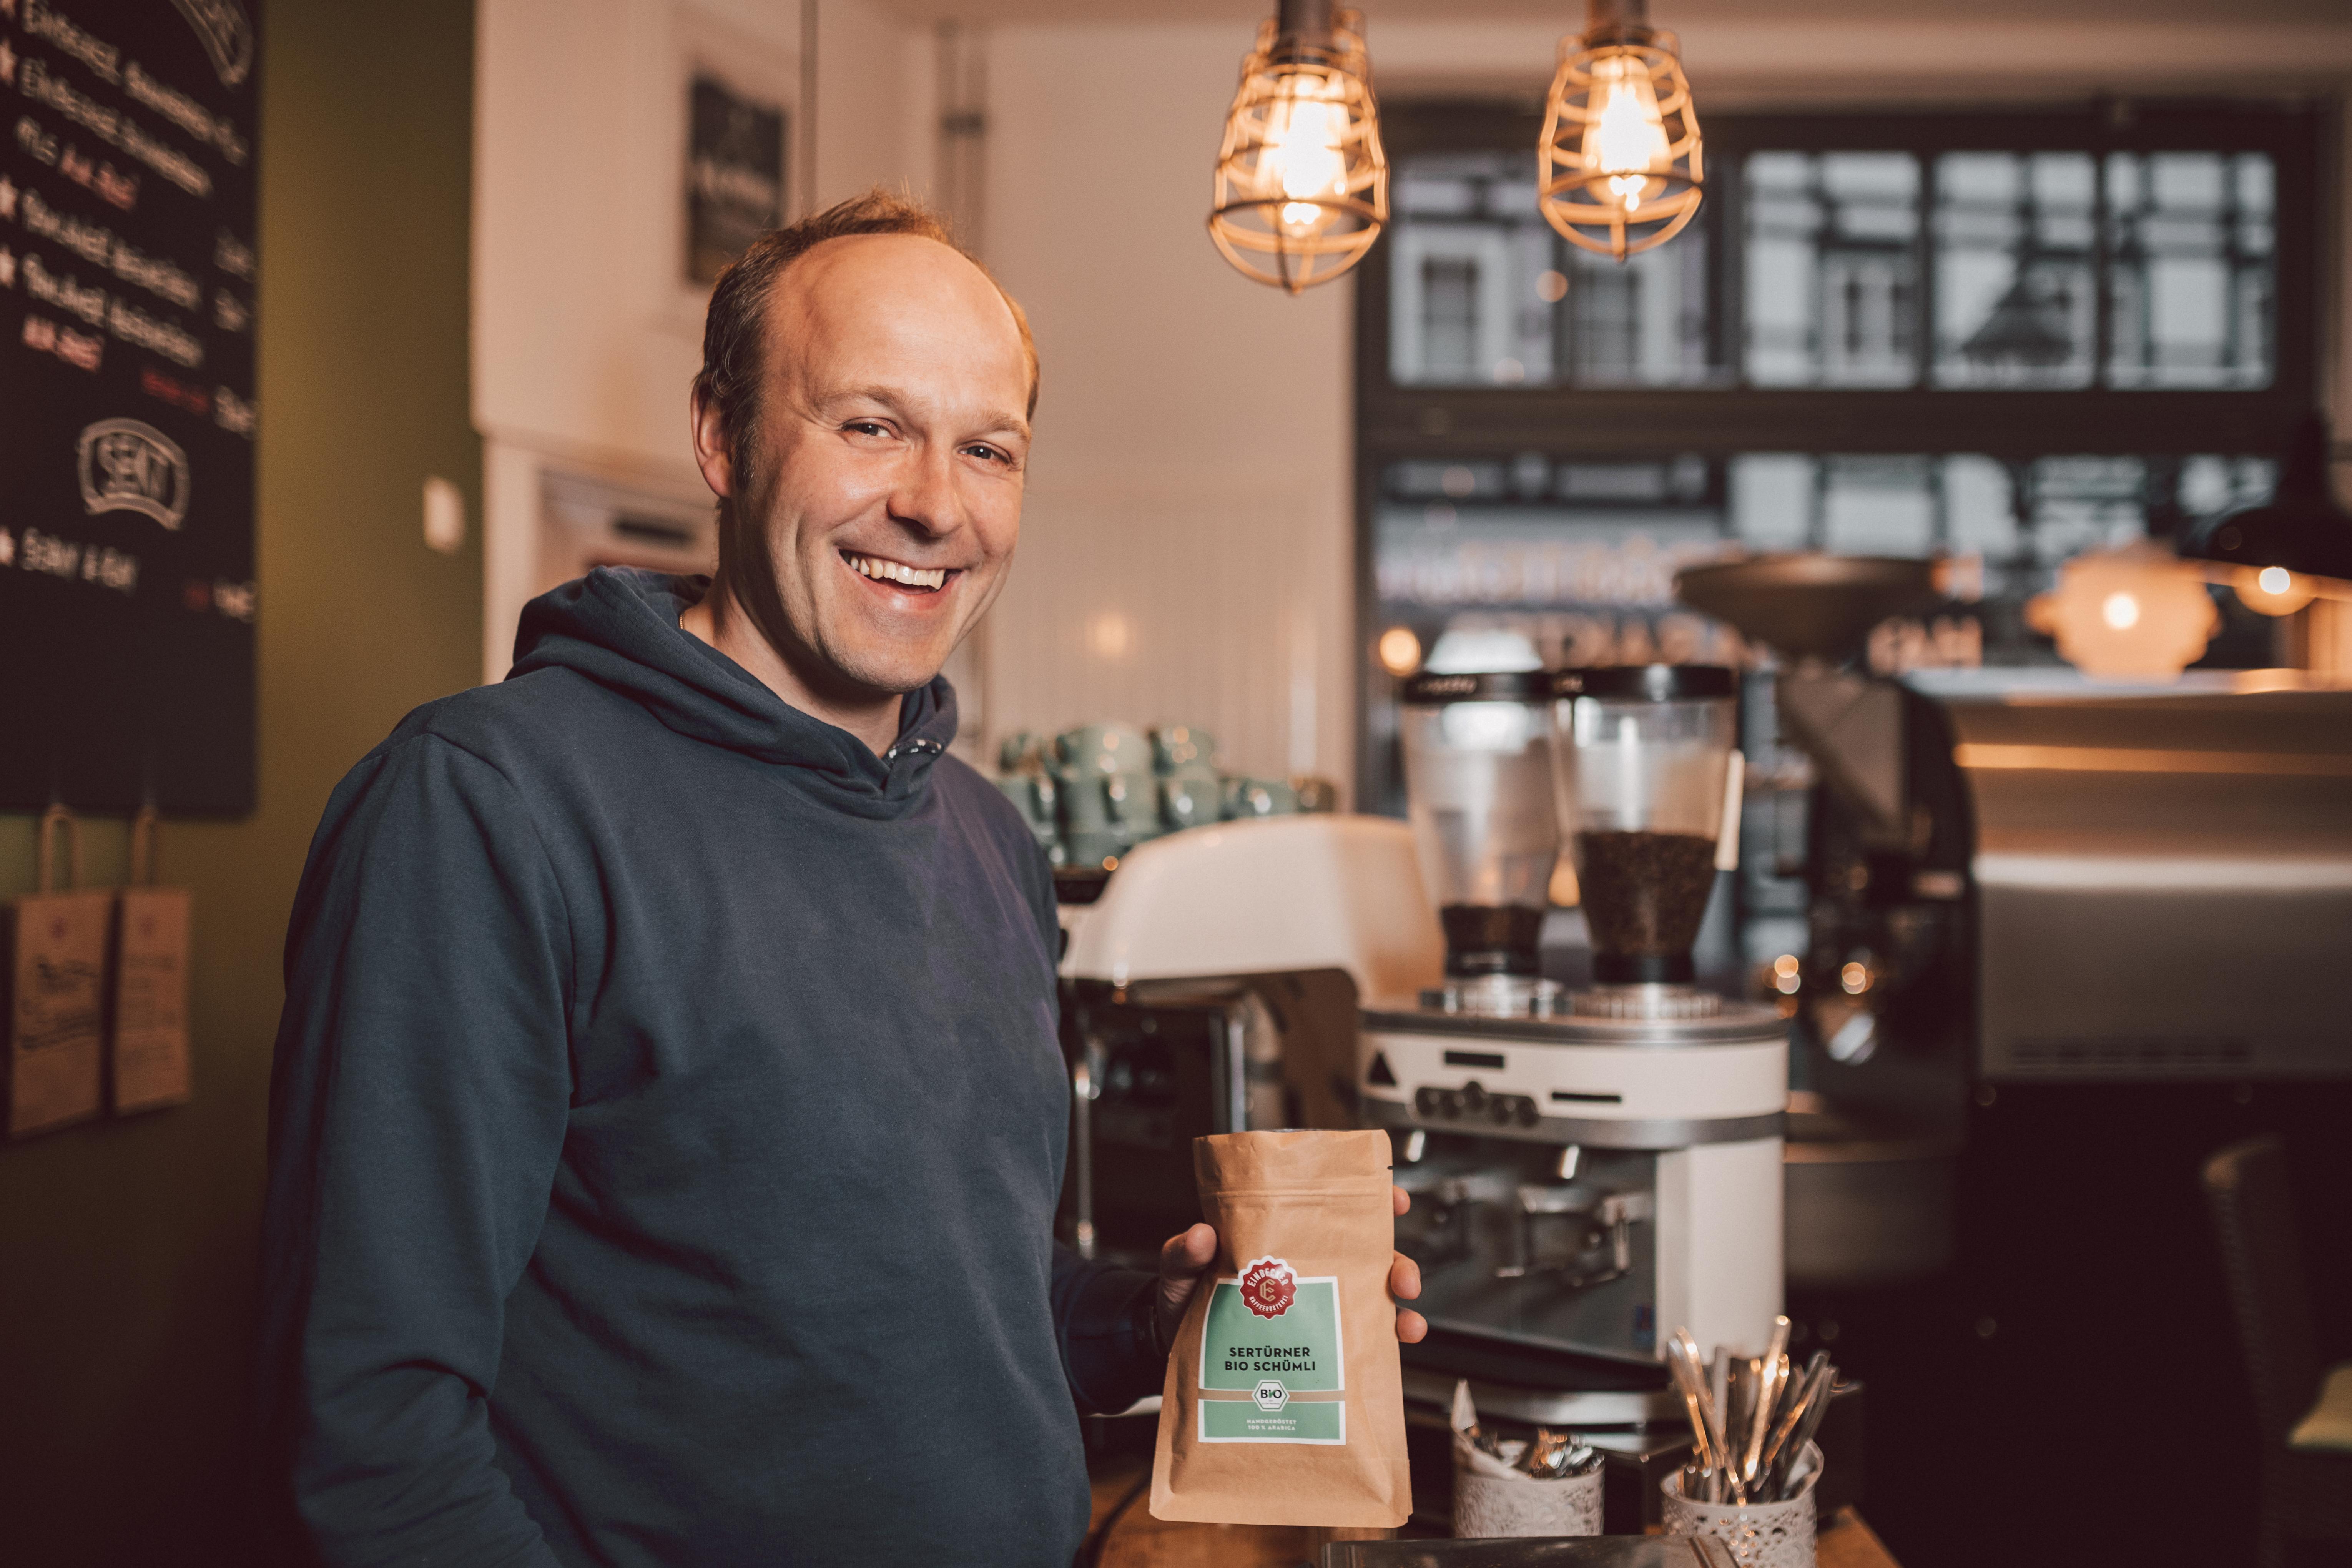 Einbecker Kaffeerösterei_Inhaber Alexander Pohl